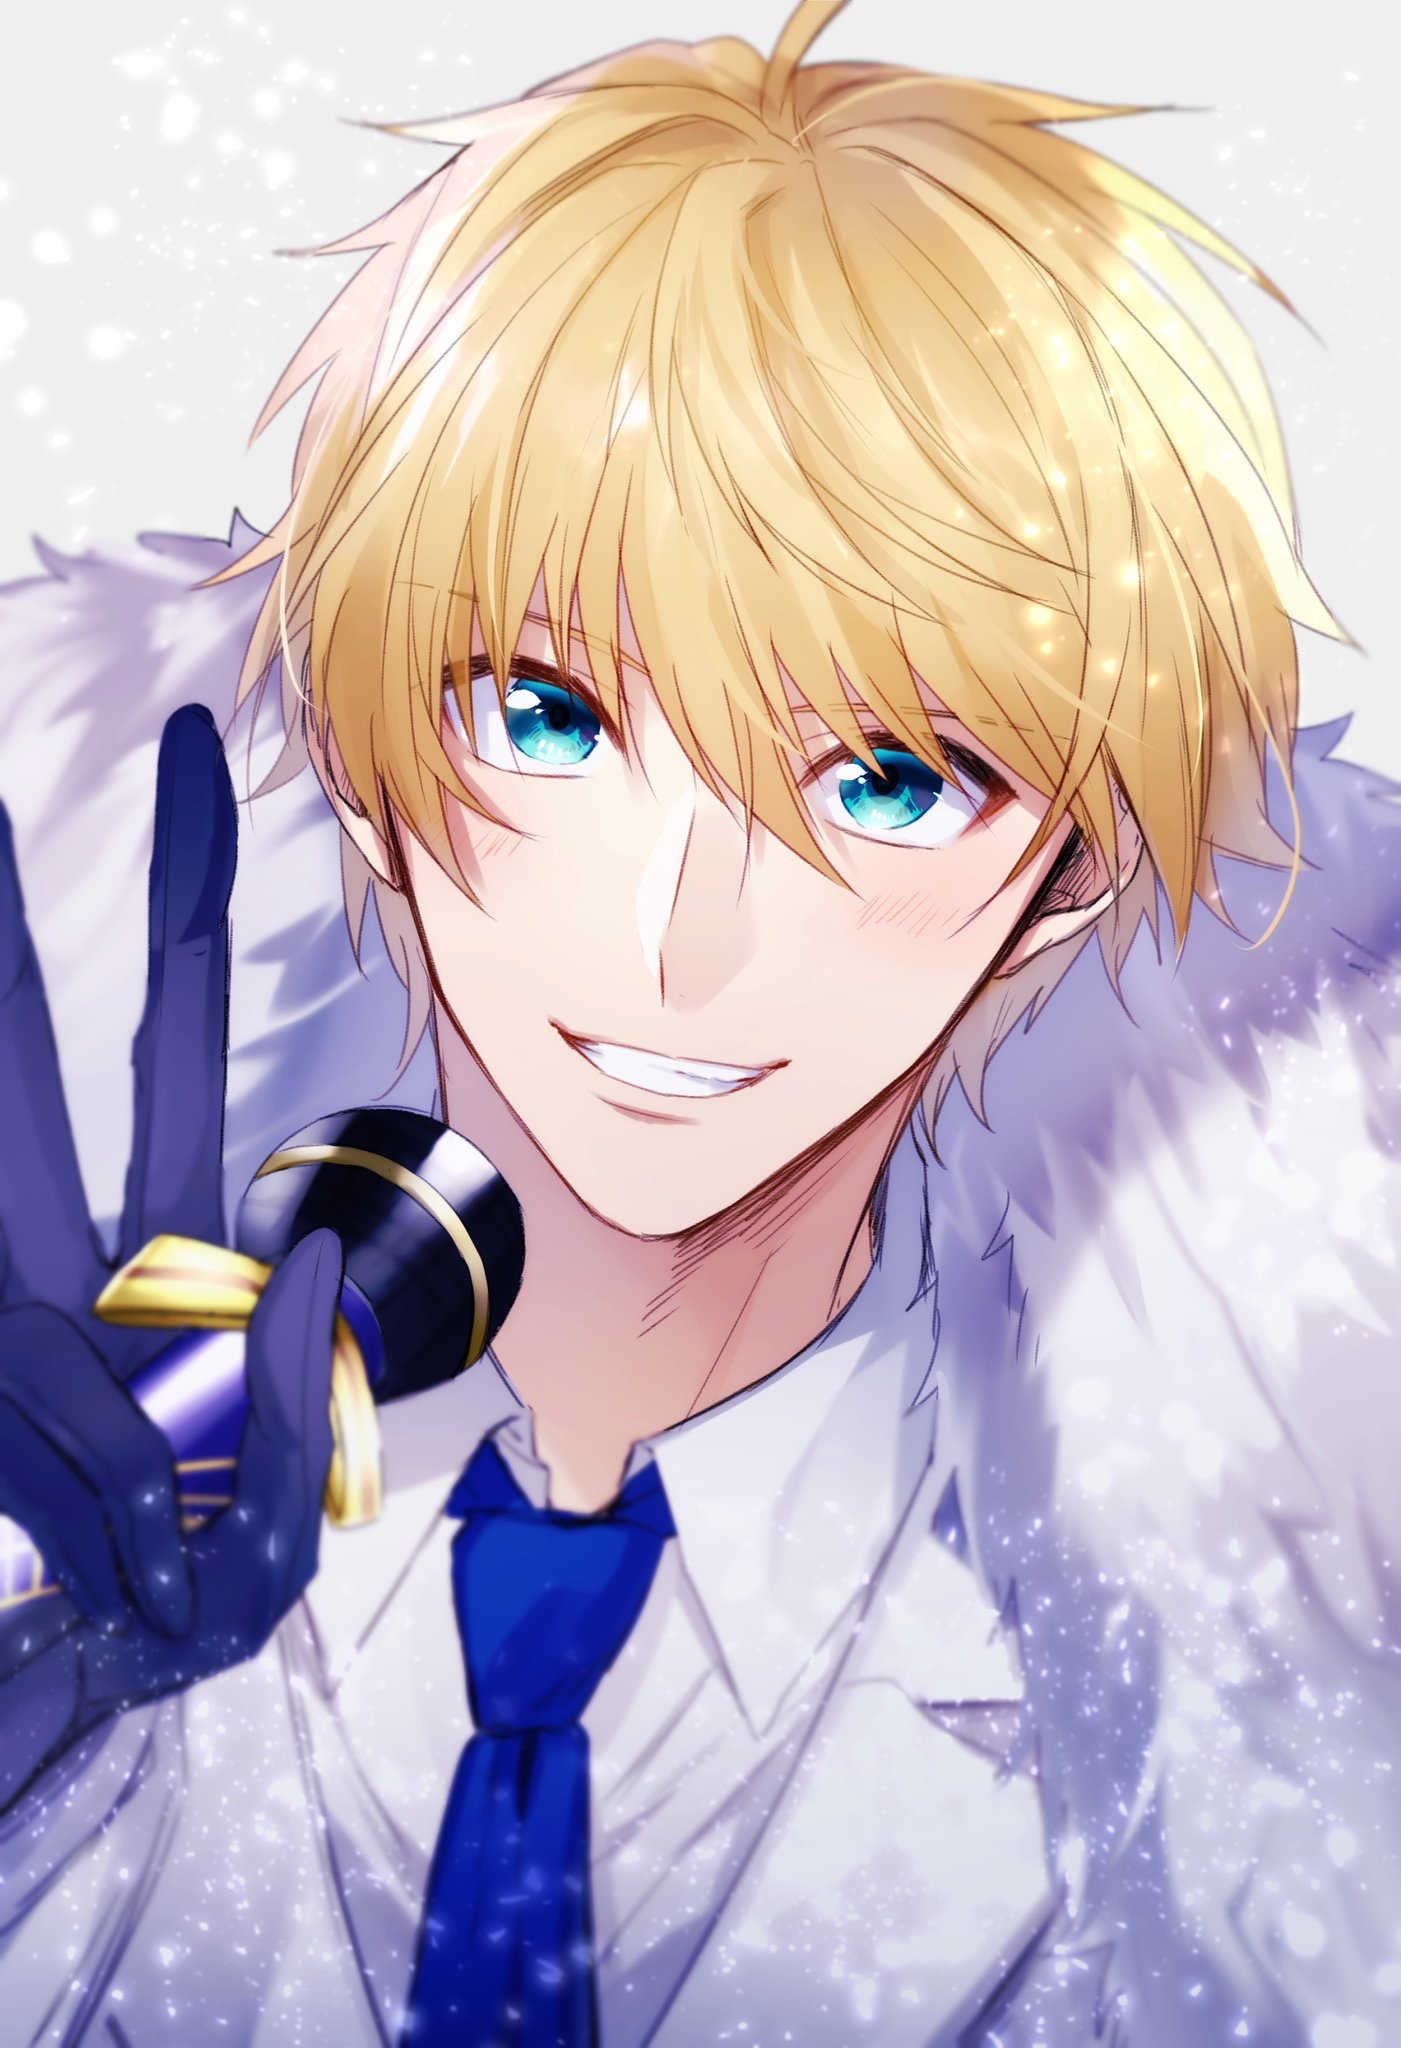 Wow he has pretty eyes! Anime, Tóc vàng, Trai đẹp